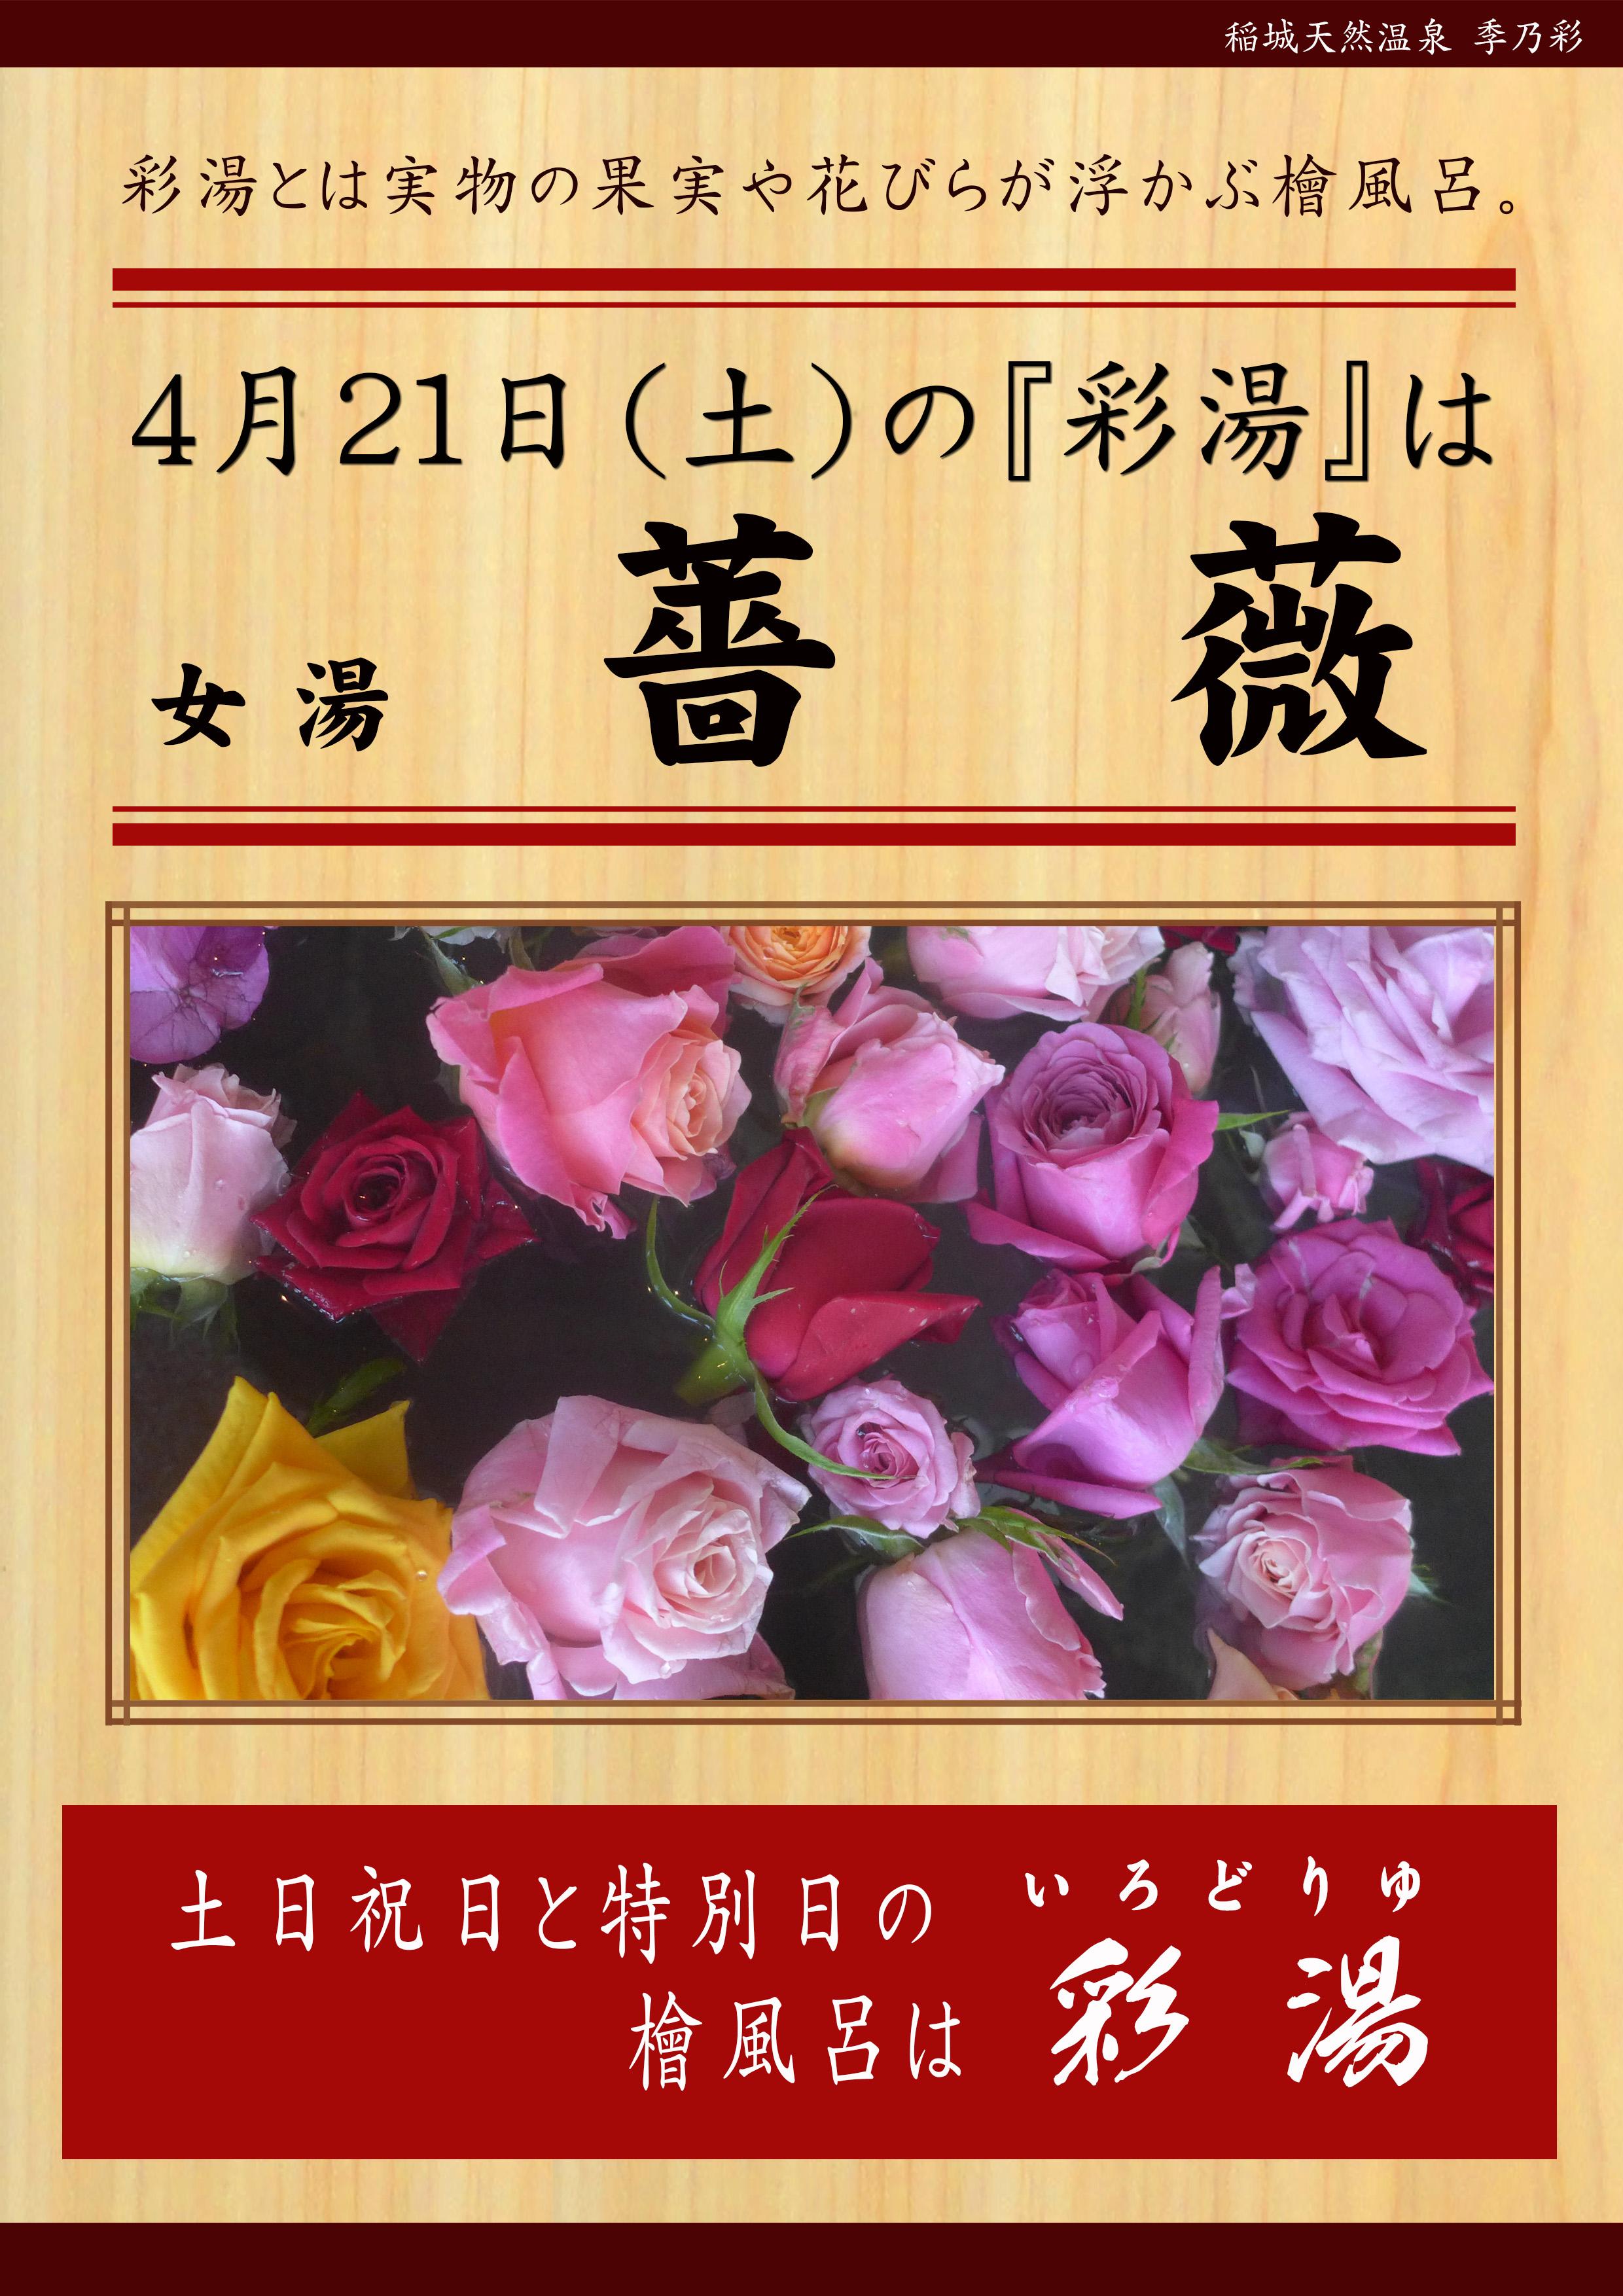 20180421POP イベント 彩湯 女湯 薔薇